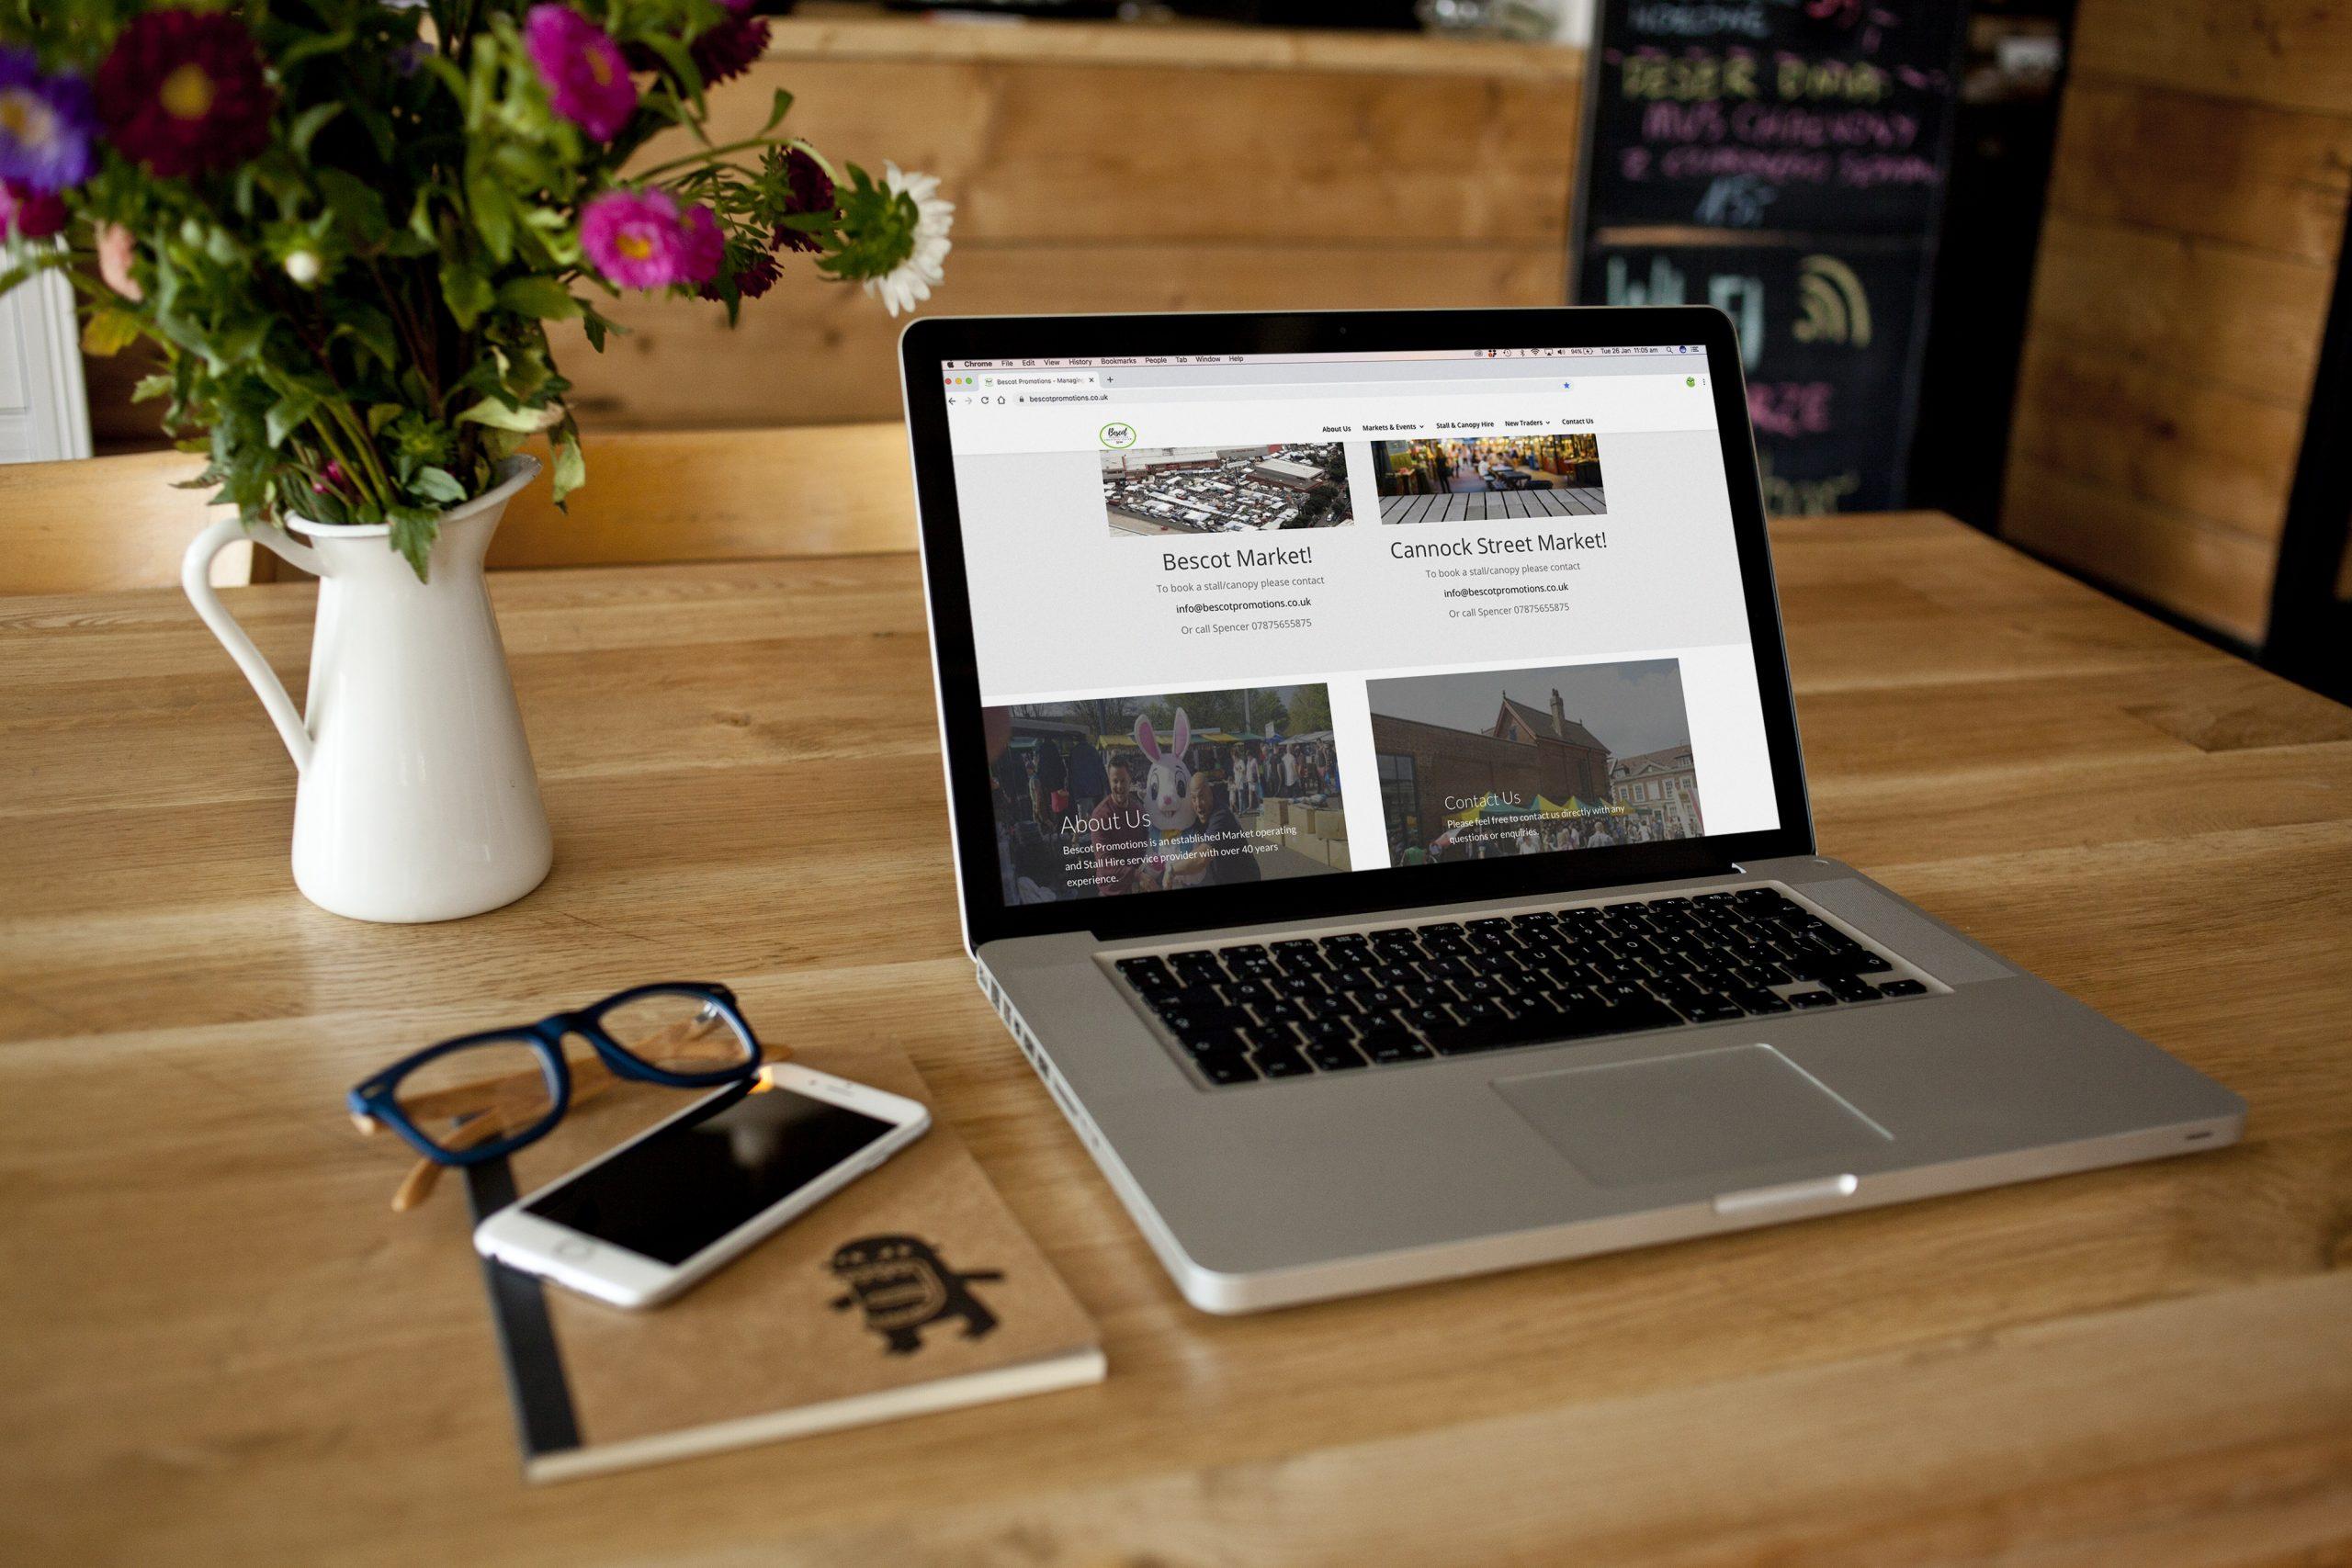 Bescot-Promotions-Mac